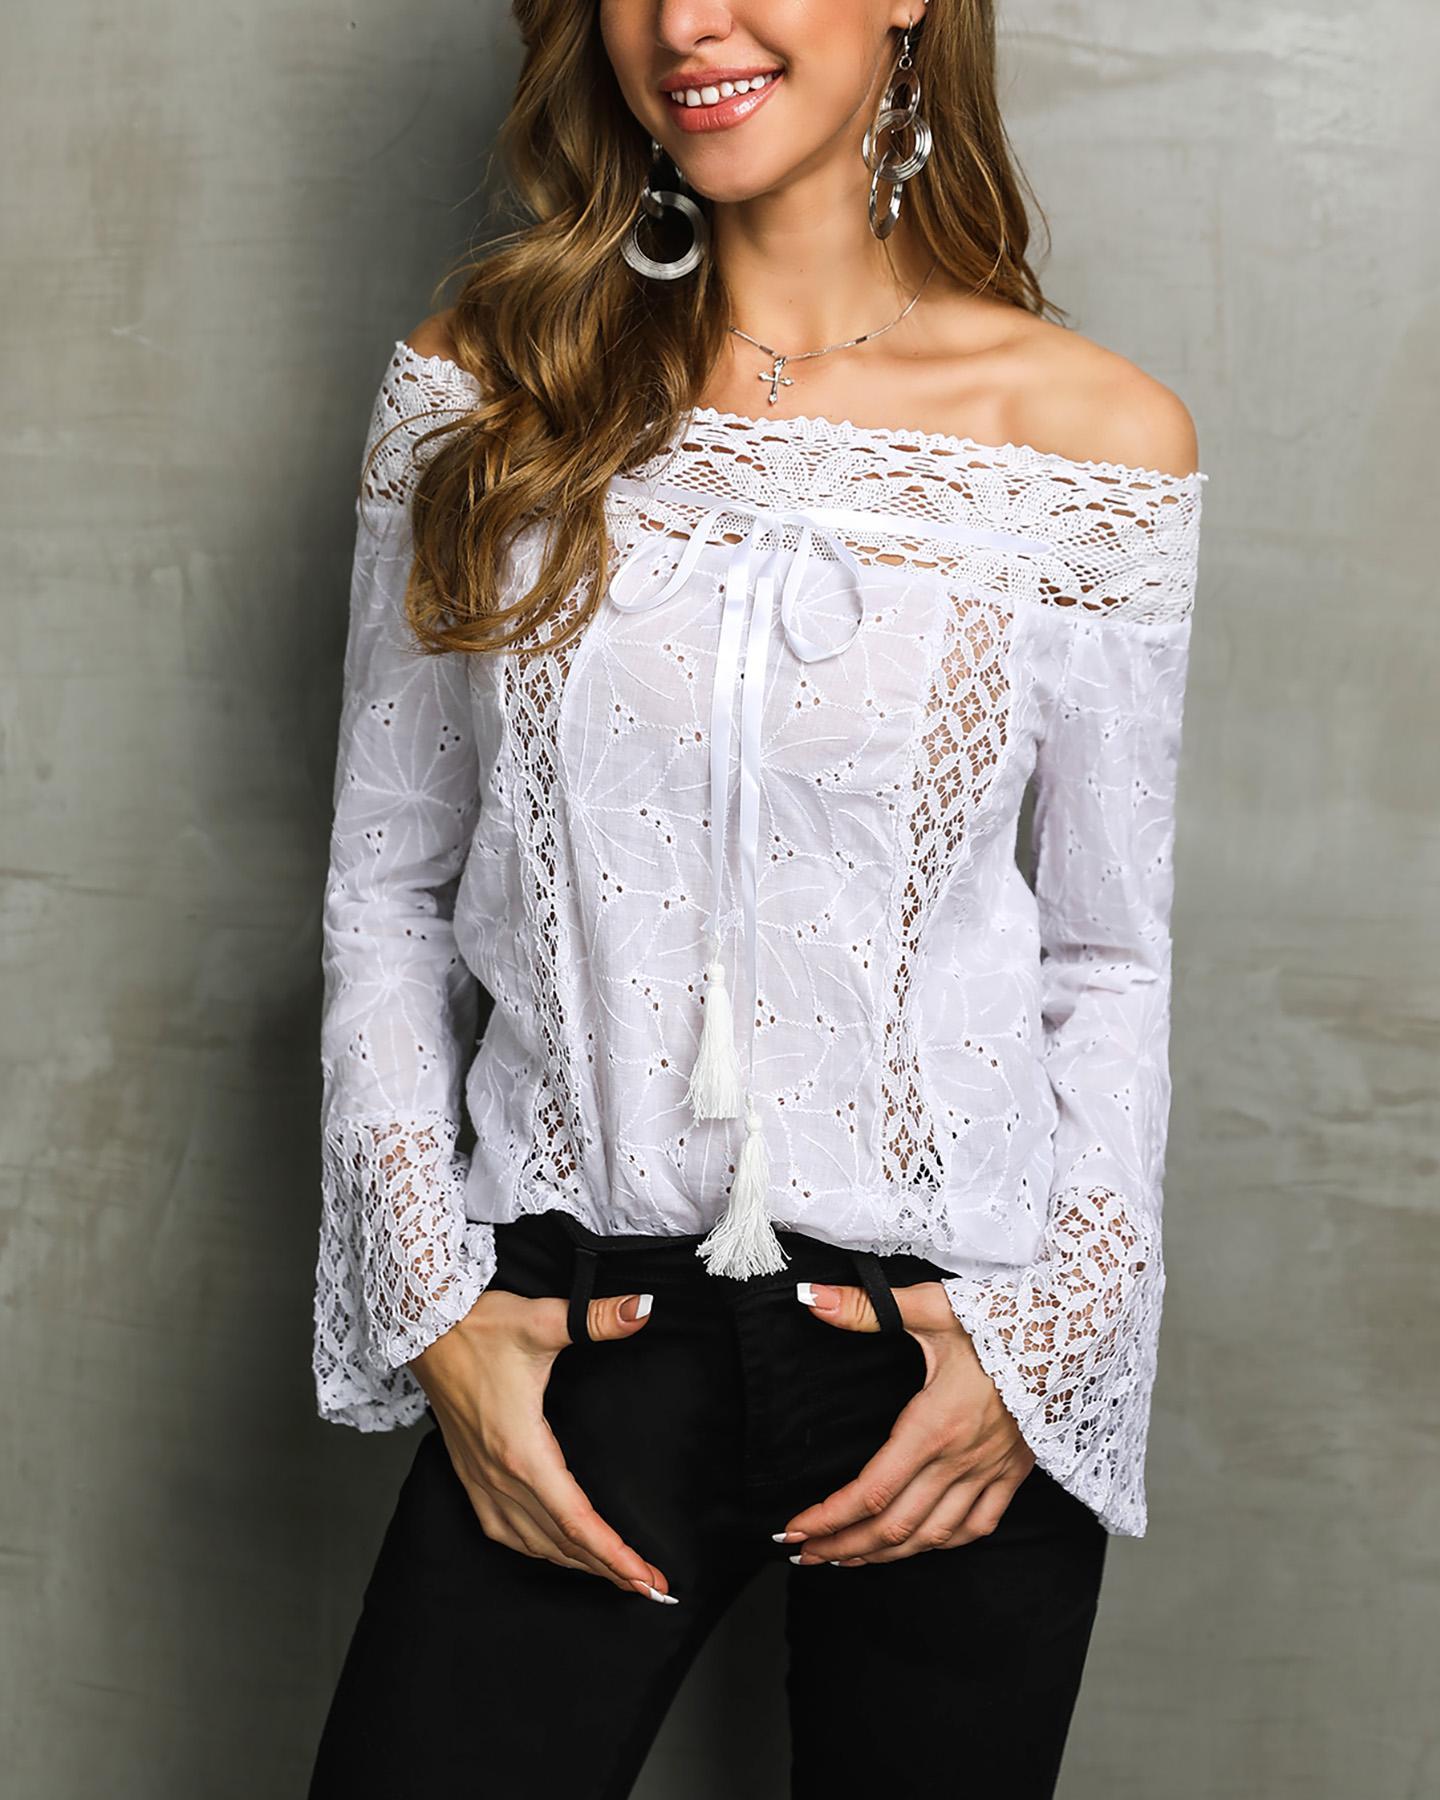 chicme / Elegante encaje de hombro blusa casual